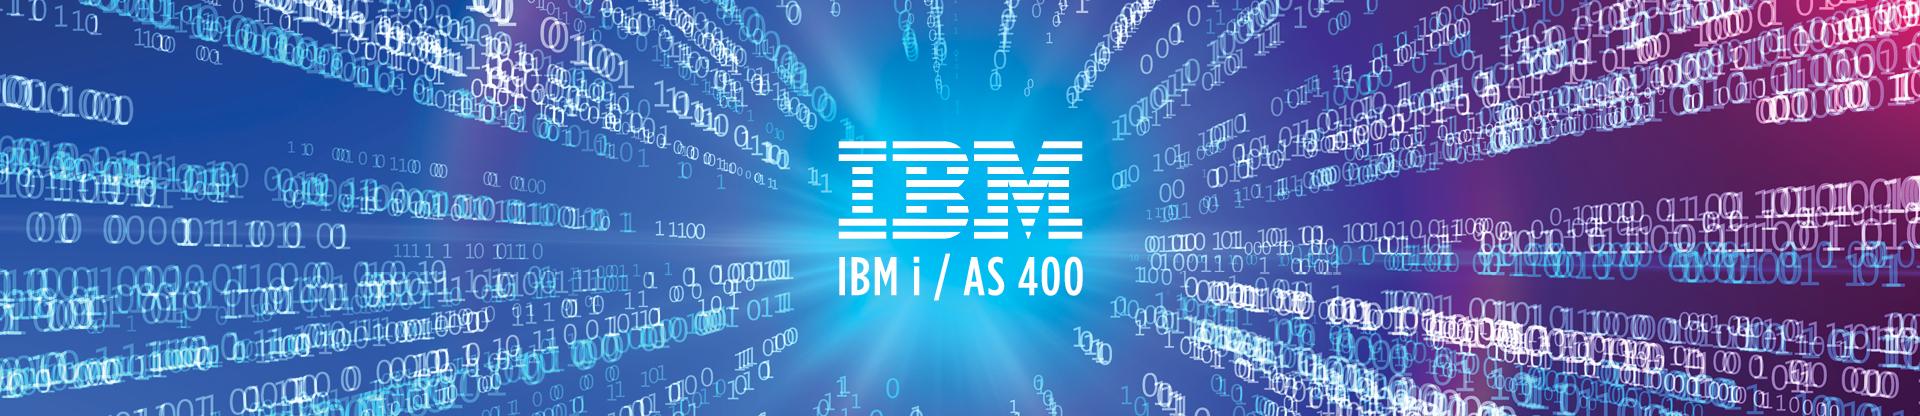 ibmi-as400-electronic-data-interchange-EDI-banner